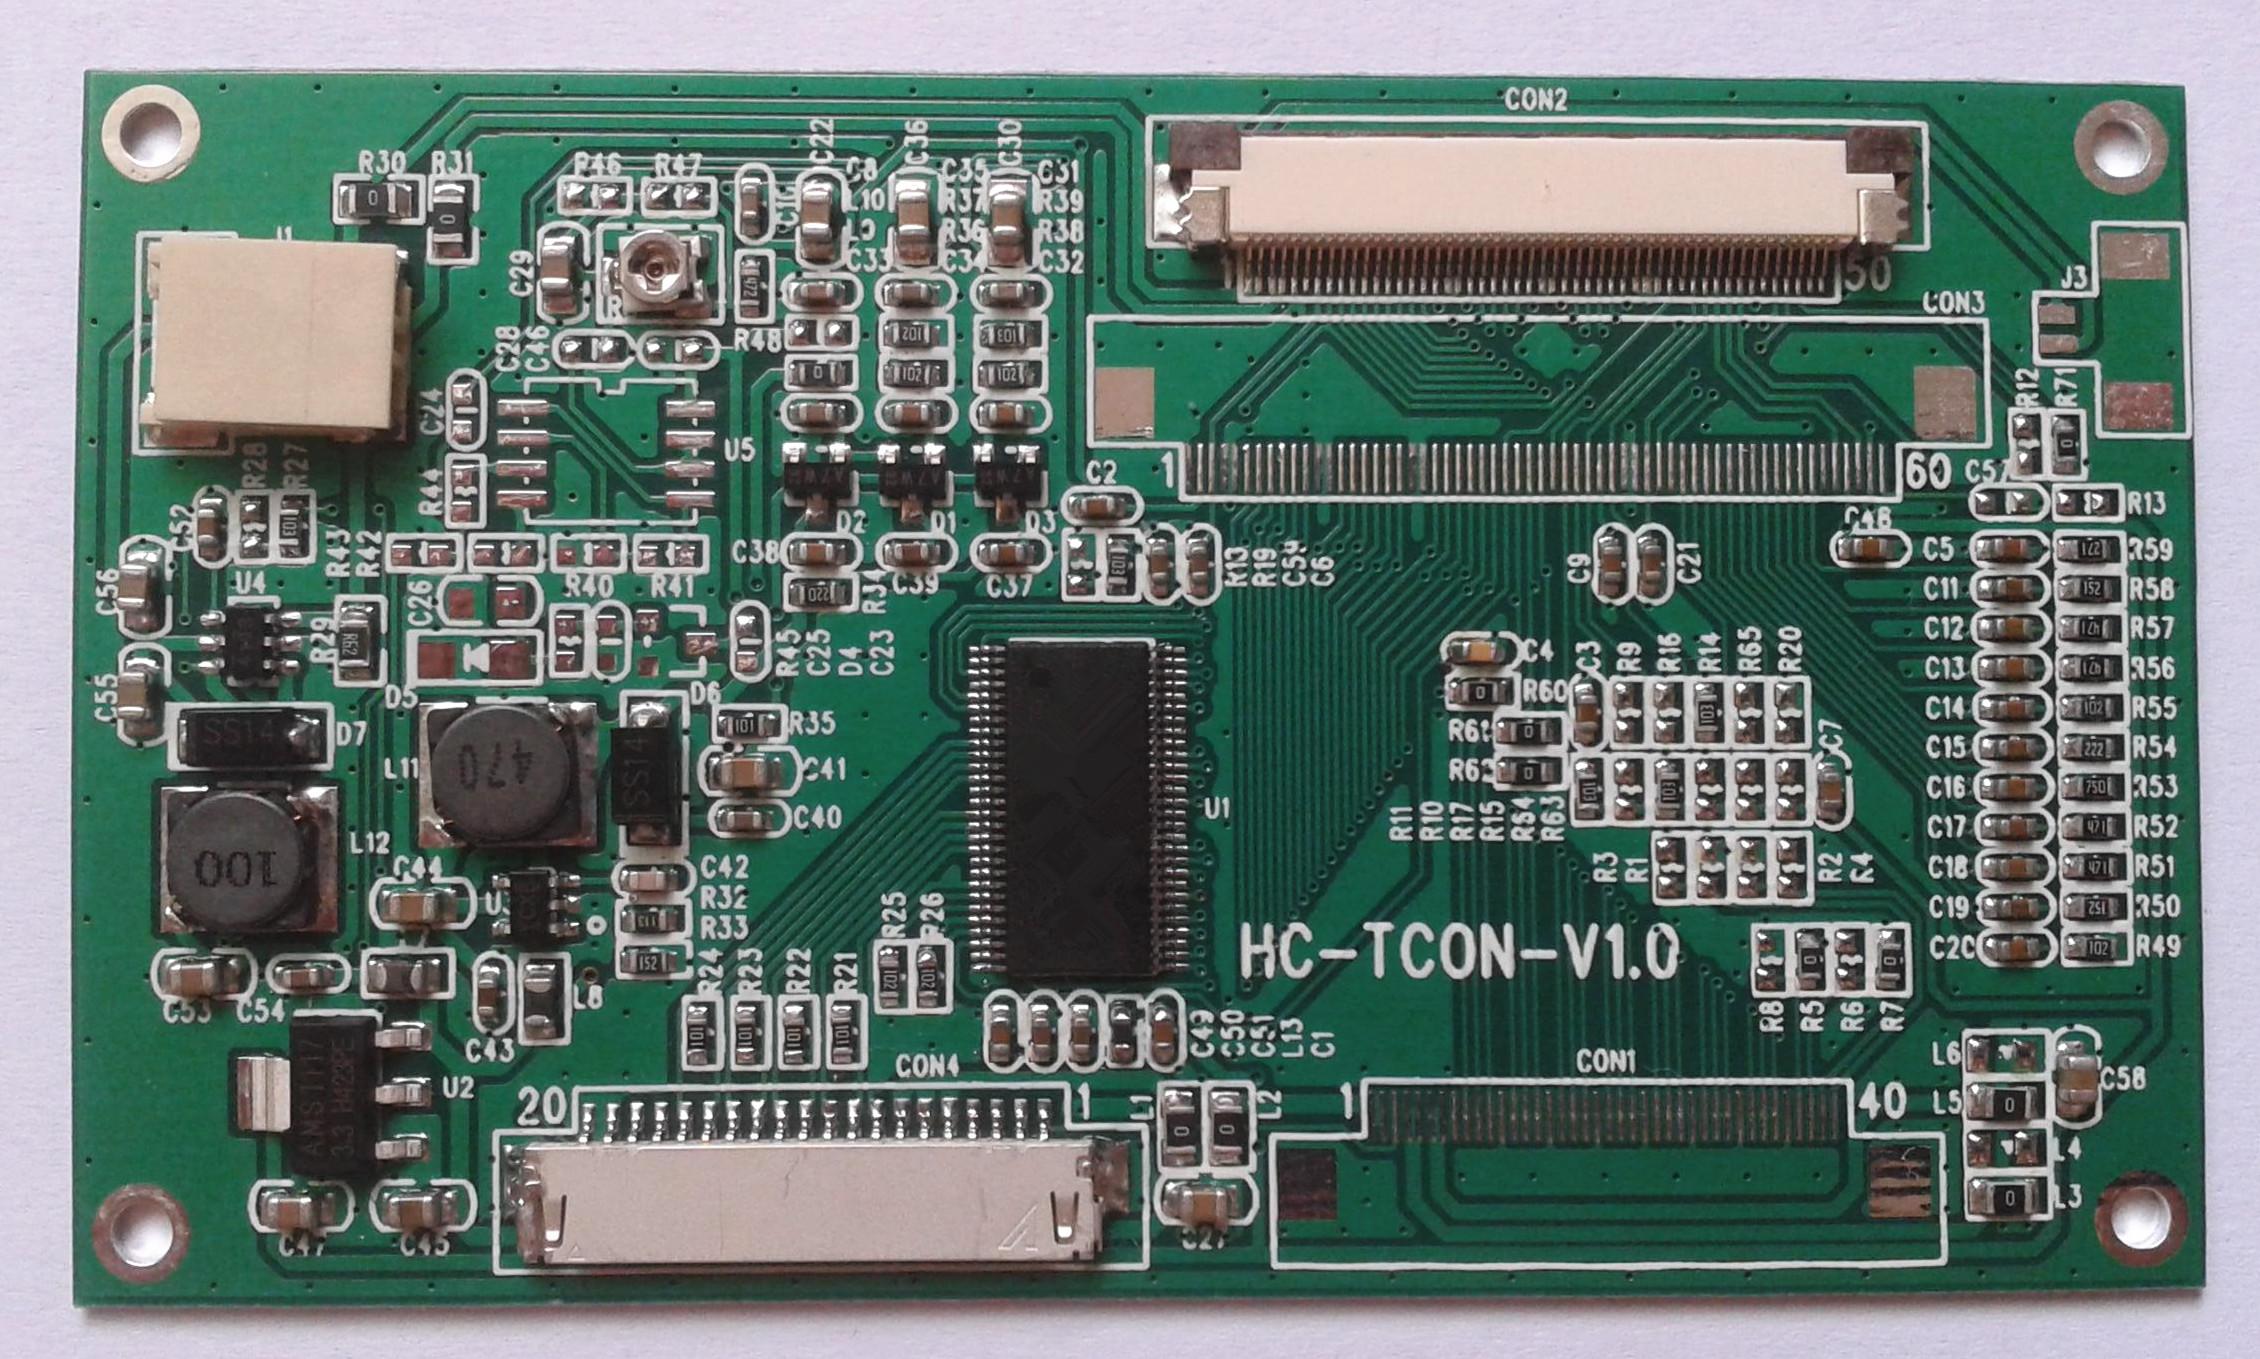 产品信息 1,主题功能:把单6位LVDS信号转换成单50P屏接口的18位TTL信号; 2,适用屏种类:兼容AT070TN92/AT070TN94/AT080TN52/EJ080NA-05A等规格相同的7寸8寸数字液晶屏; 3,电源:5V、3.3V可选(建议客户用5V); 4,板子自带LCD背光驱动,AVDD,VGH,VGL电路和背光控制接口; 5,若该板不能满足需求,可以根据客户的要求修改。 产品特点 该产品是一款功能全面,性能稳定,运用广泛,安装方便的数字液晶屏驱动板。 产品广泛应用于:车载,安防,仪器